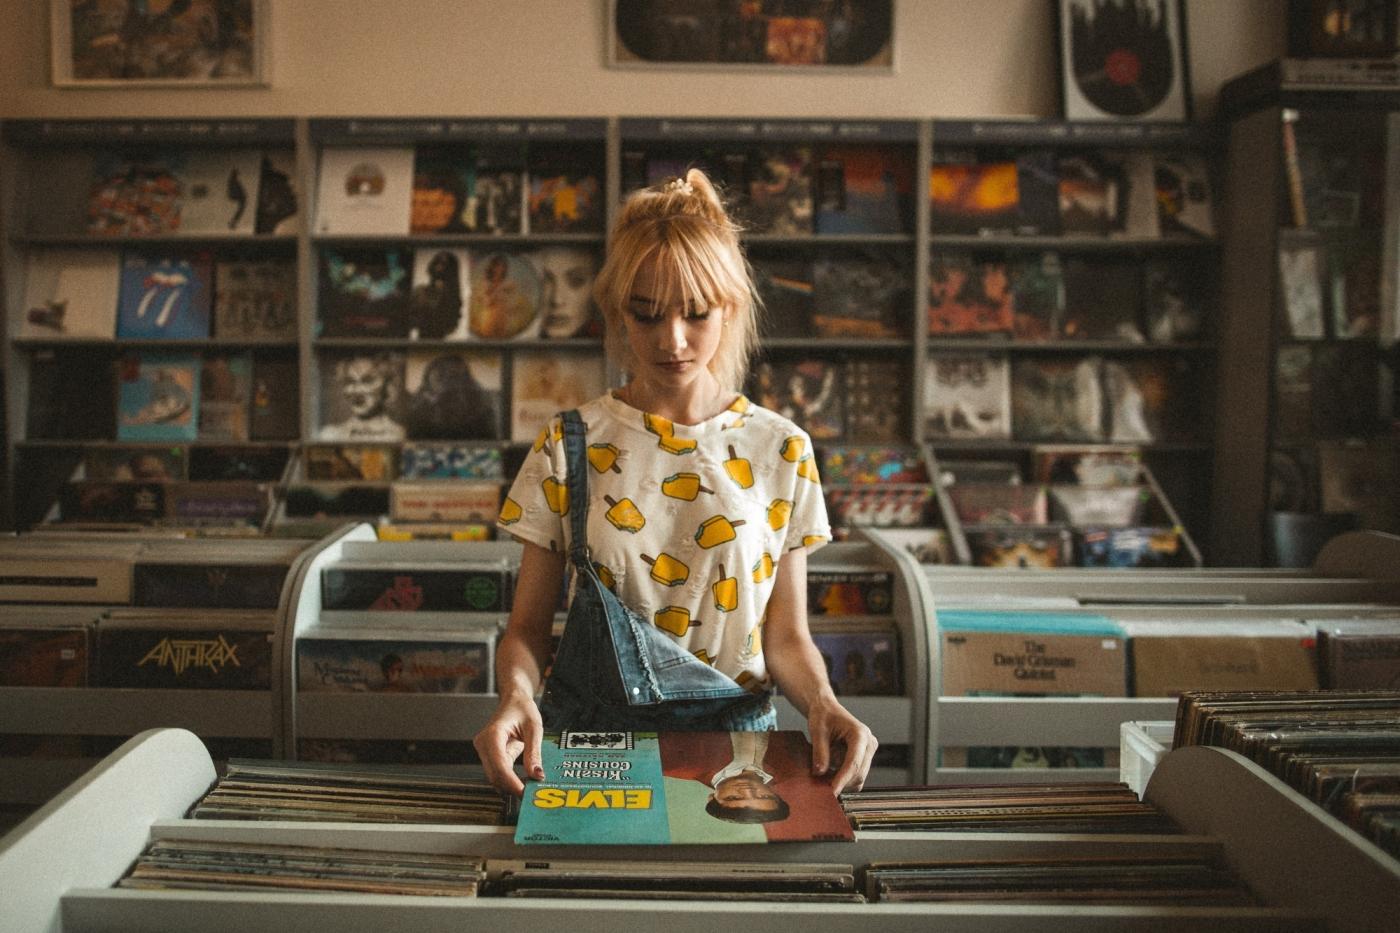 年紀大就不愛新歌?拿鉛筆倒帶、CD震動就跳針,科技如何影響我們的聽歌習慣?